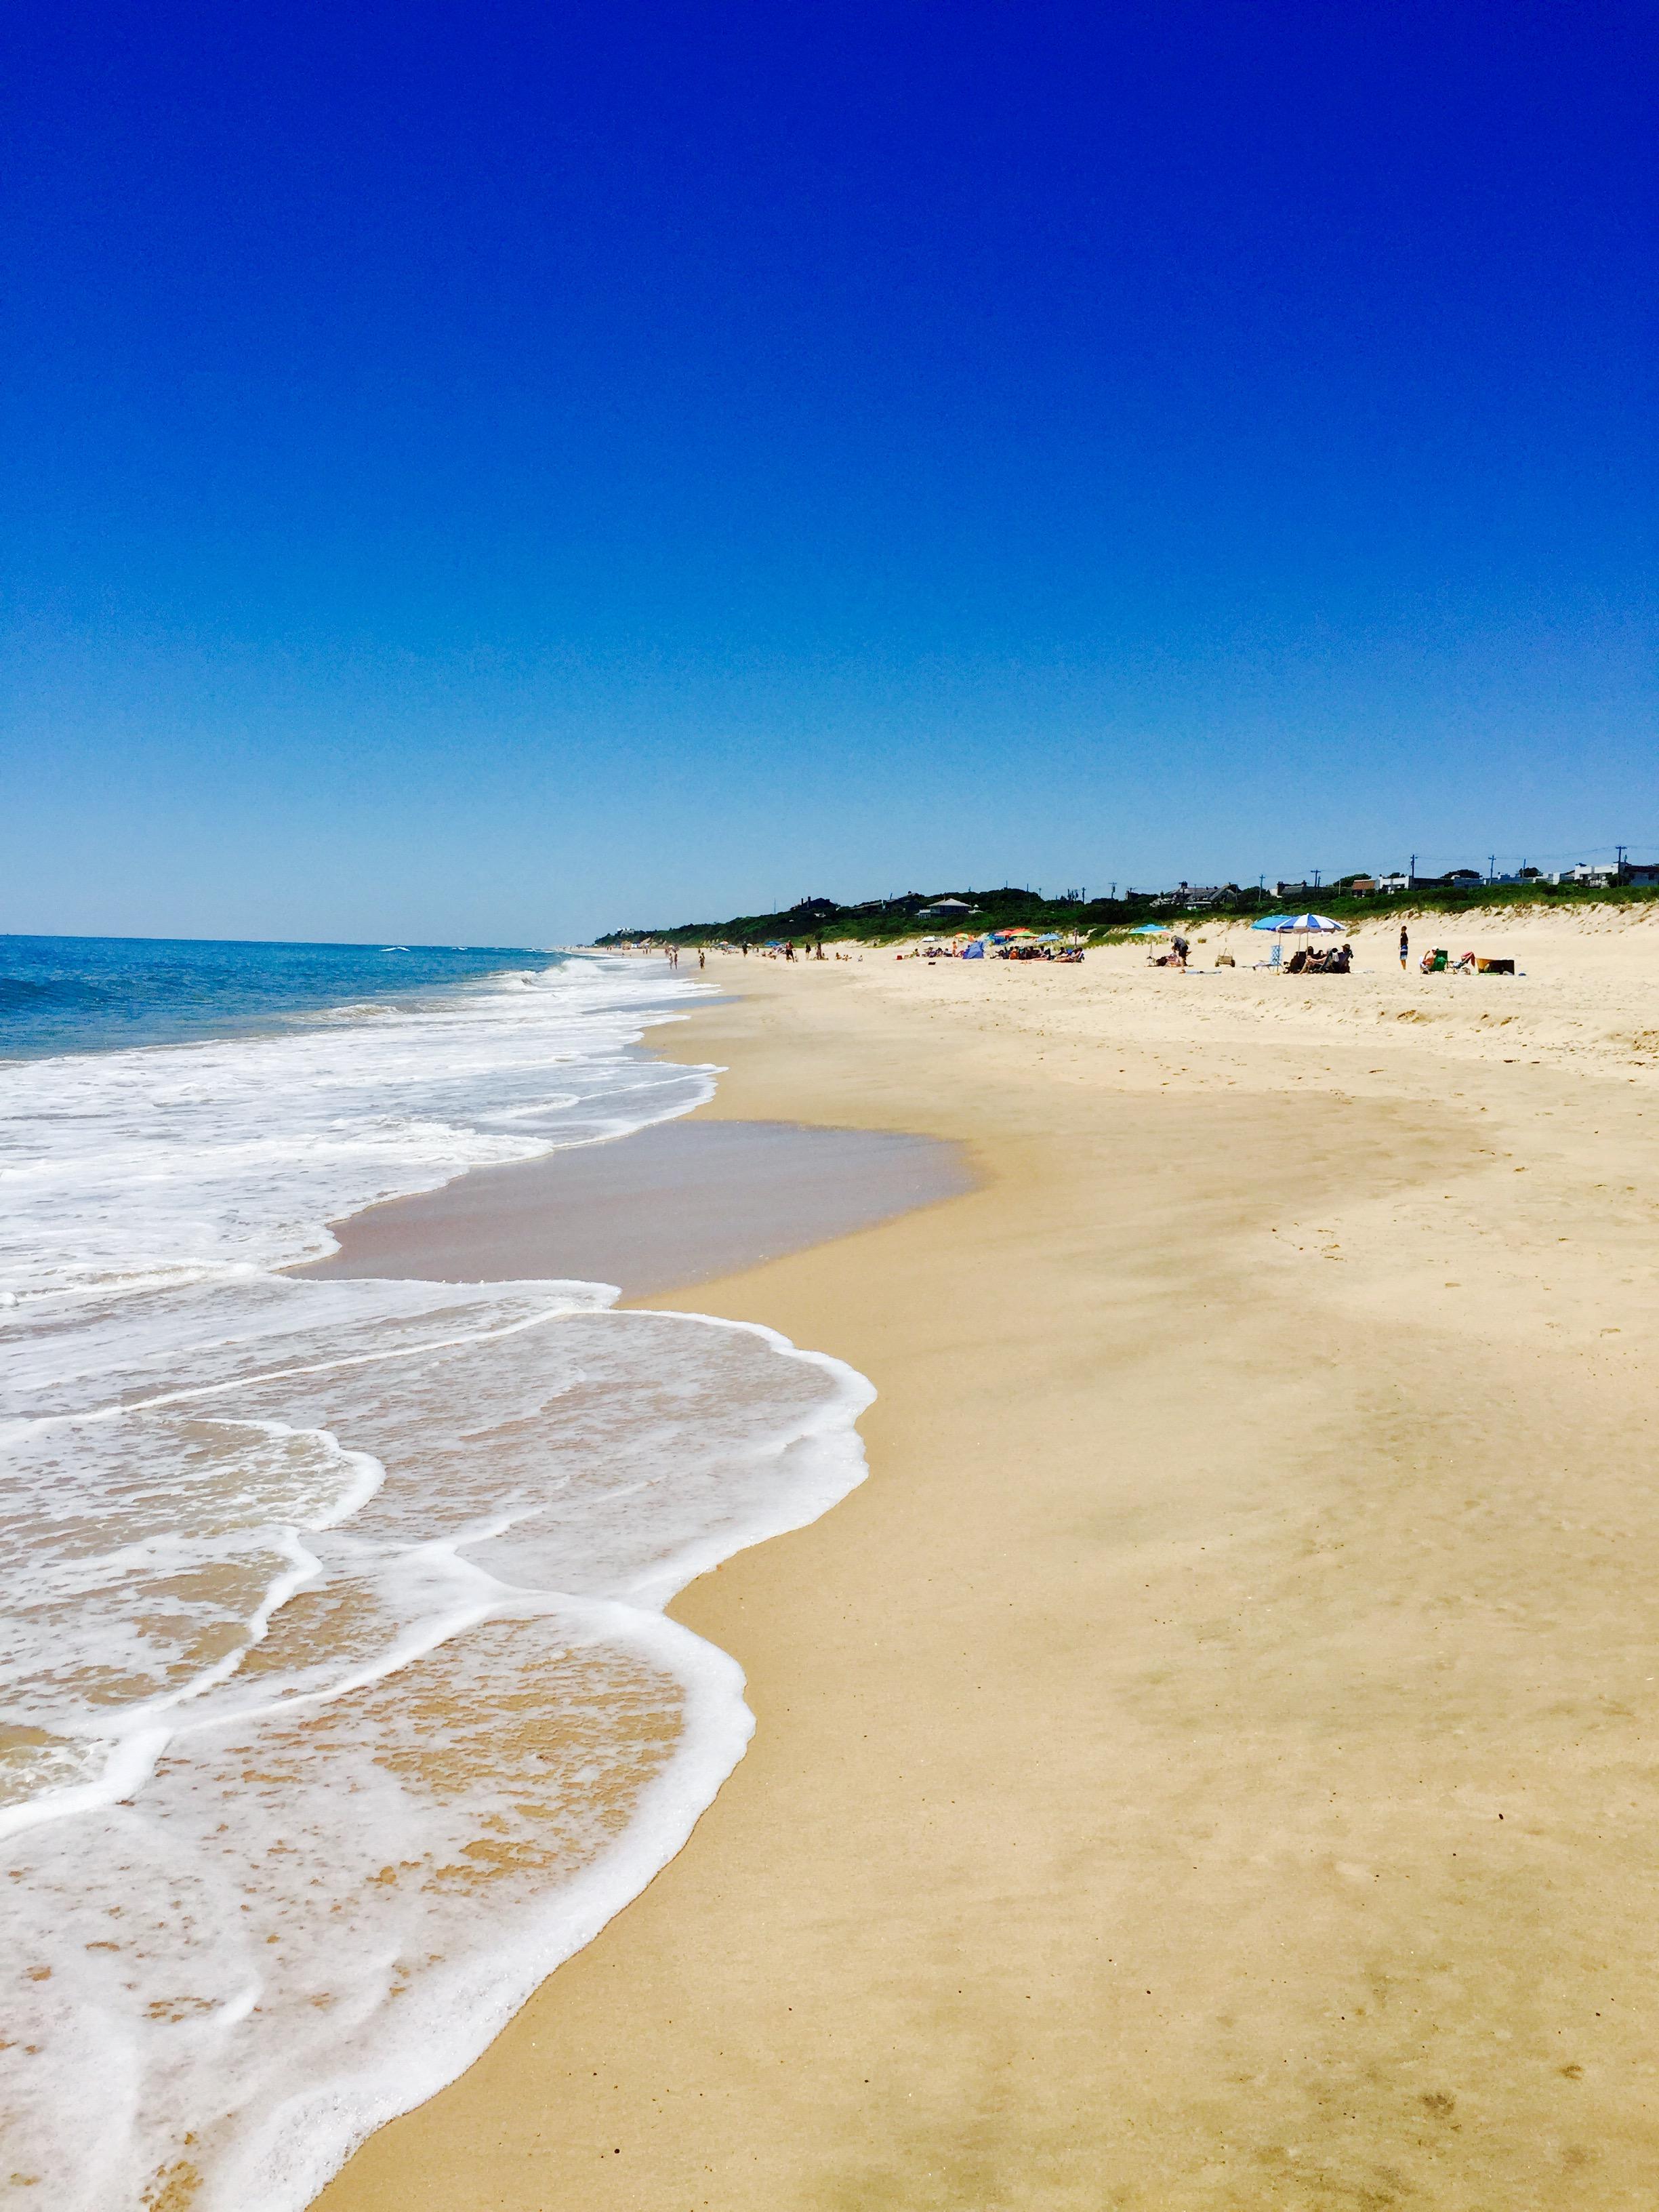 Beach_Montauk, NY